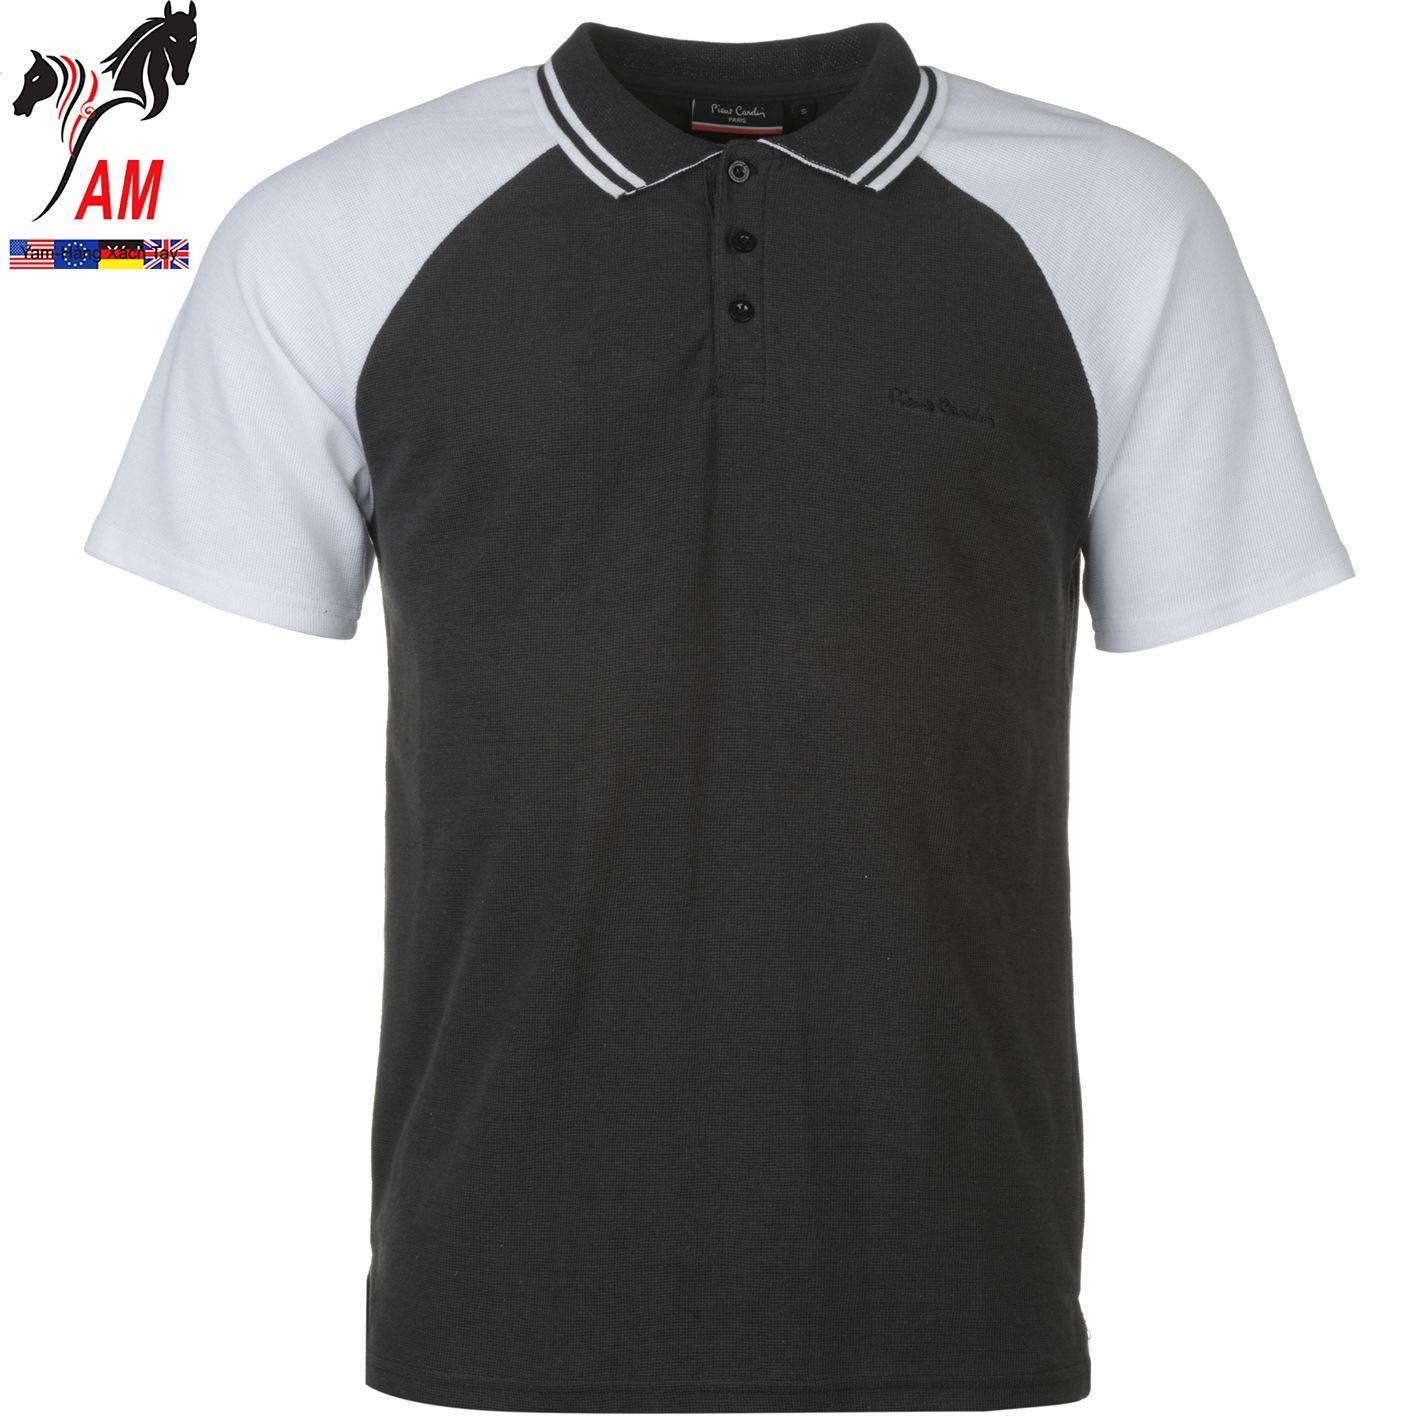 Ôn Tập Tốt Nhất Ao Thun Pierre Cardin Raglan Polohemd Herren White Black